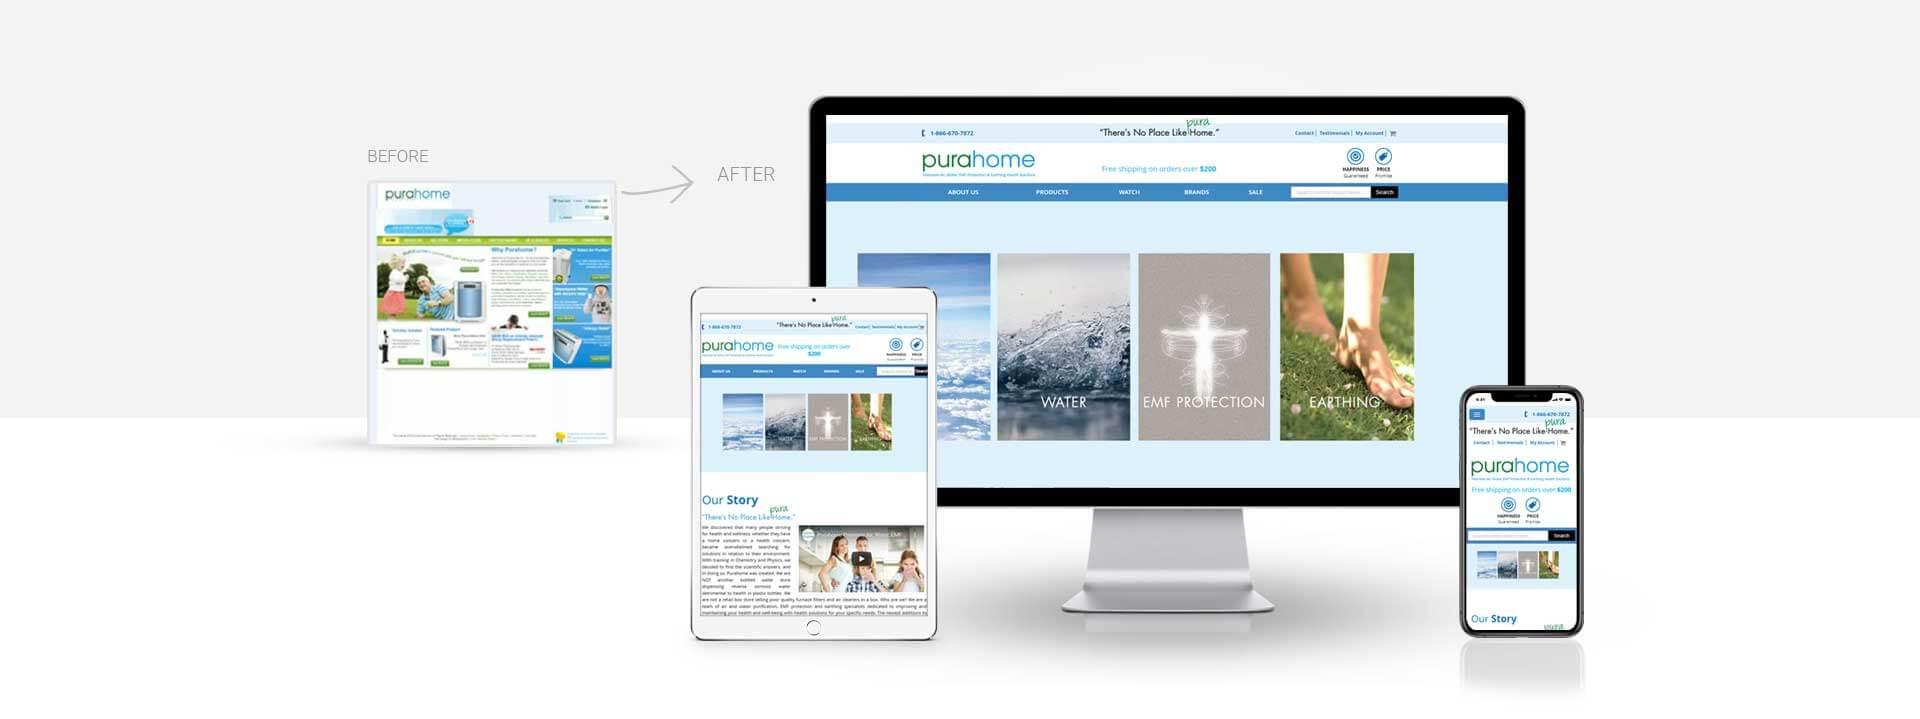 Magento Air Water Purifier seller website